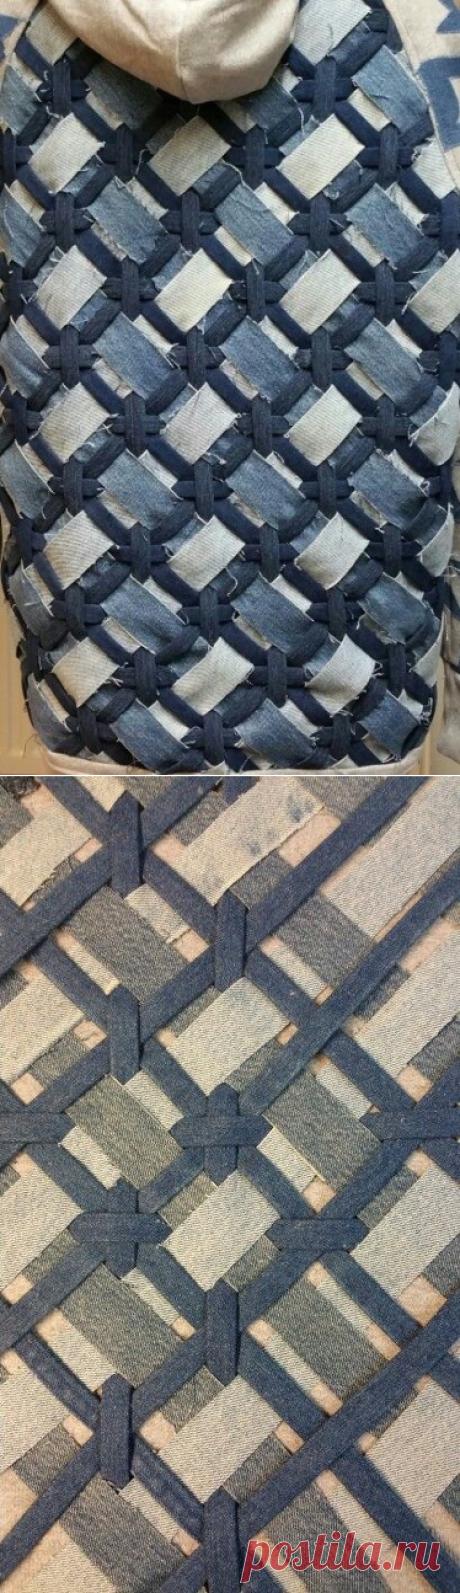 Плетённая джинсовая фактура